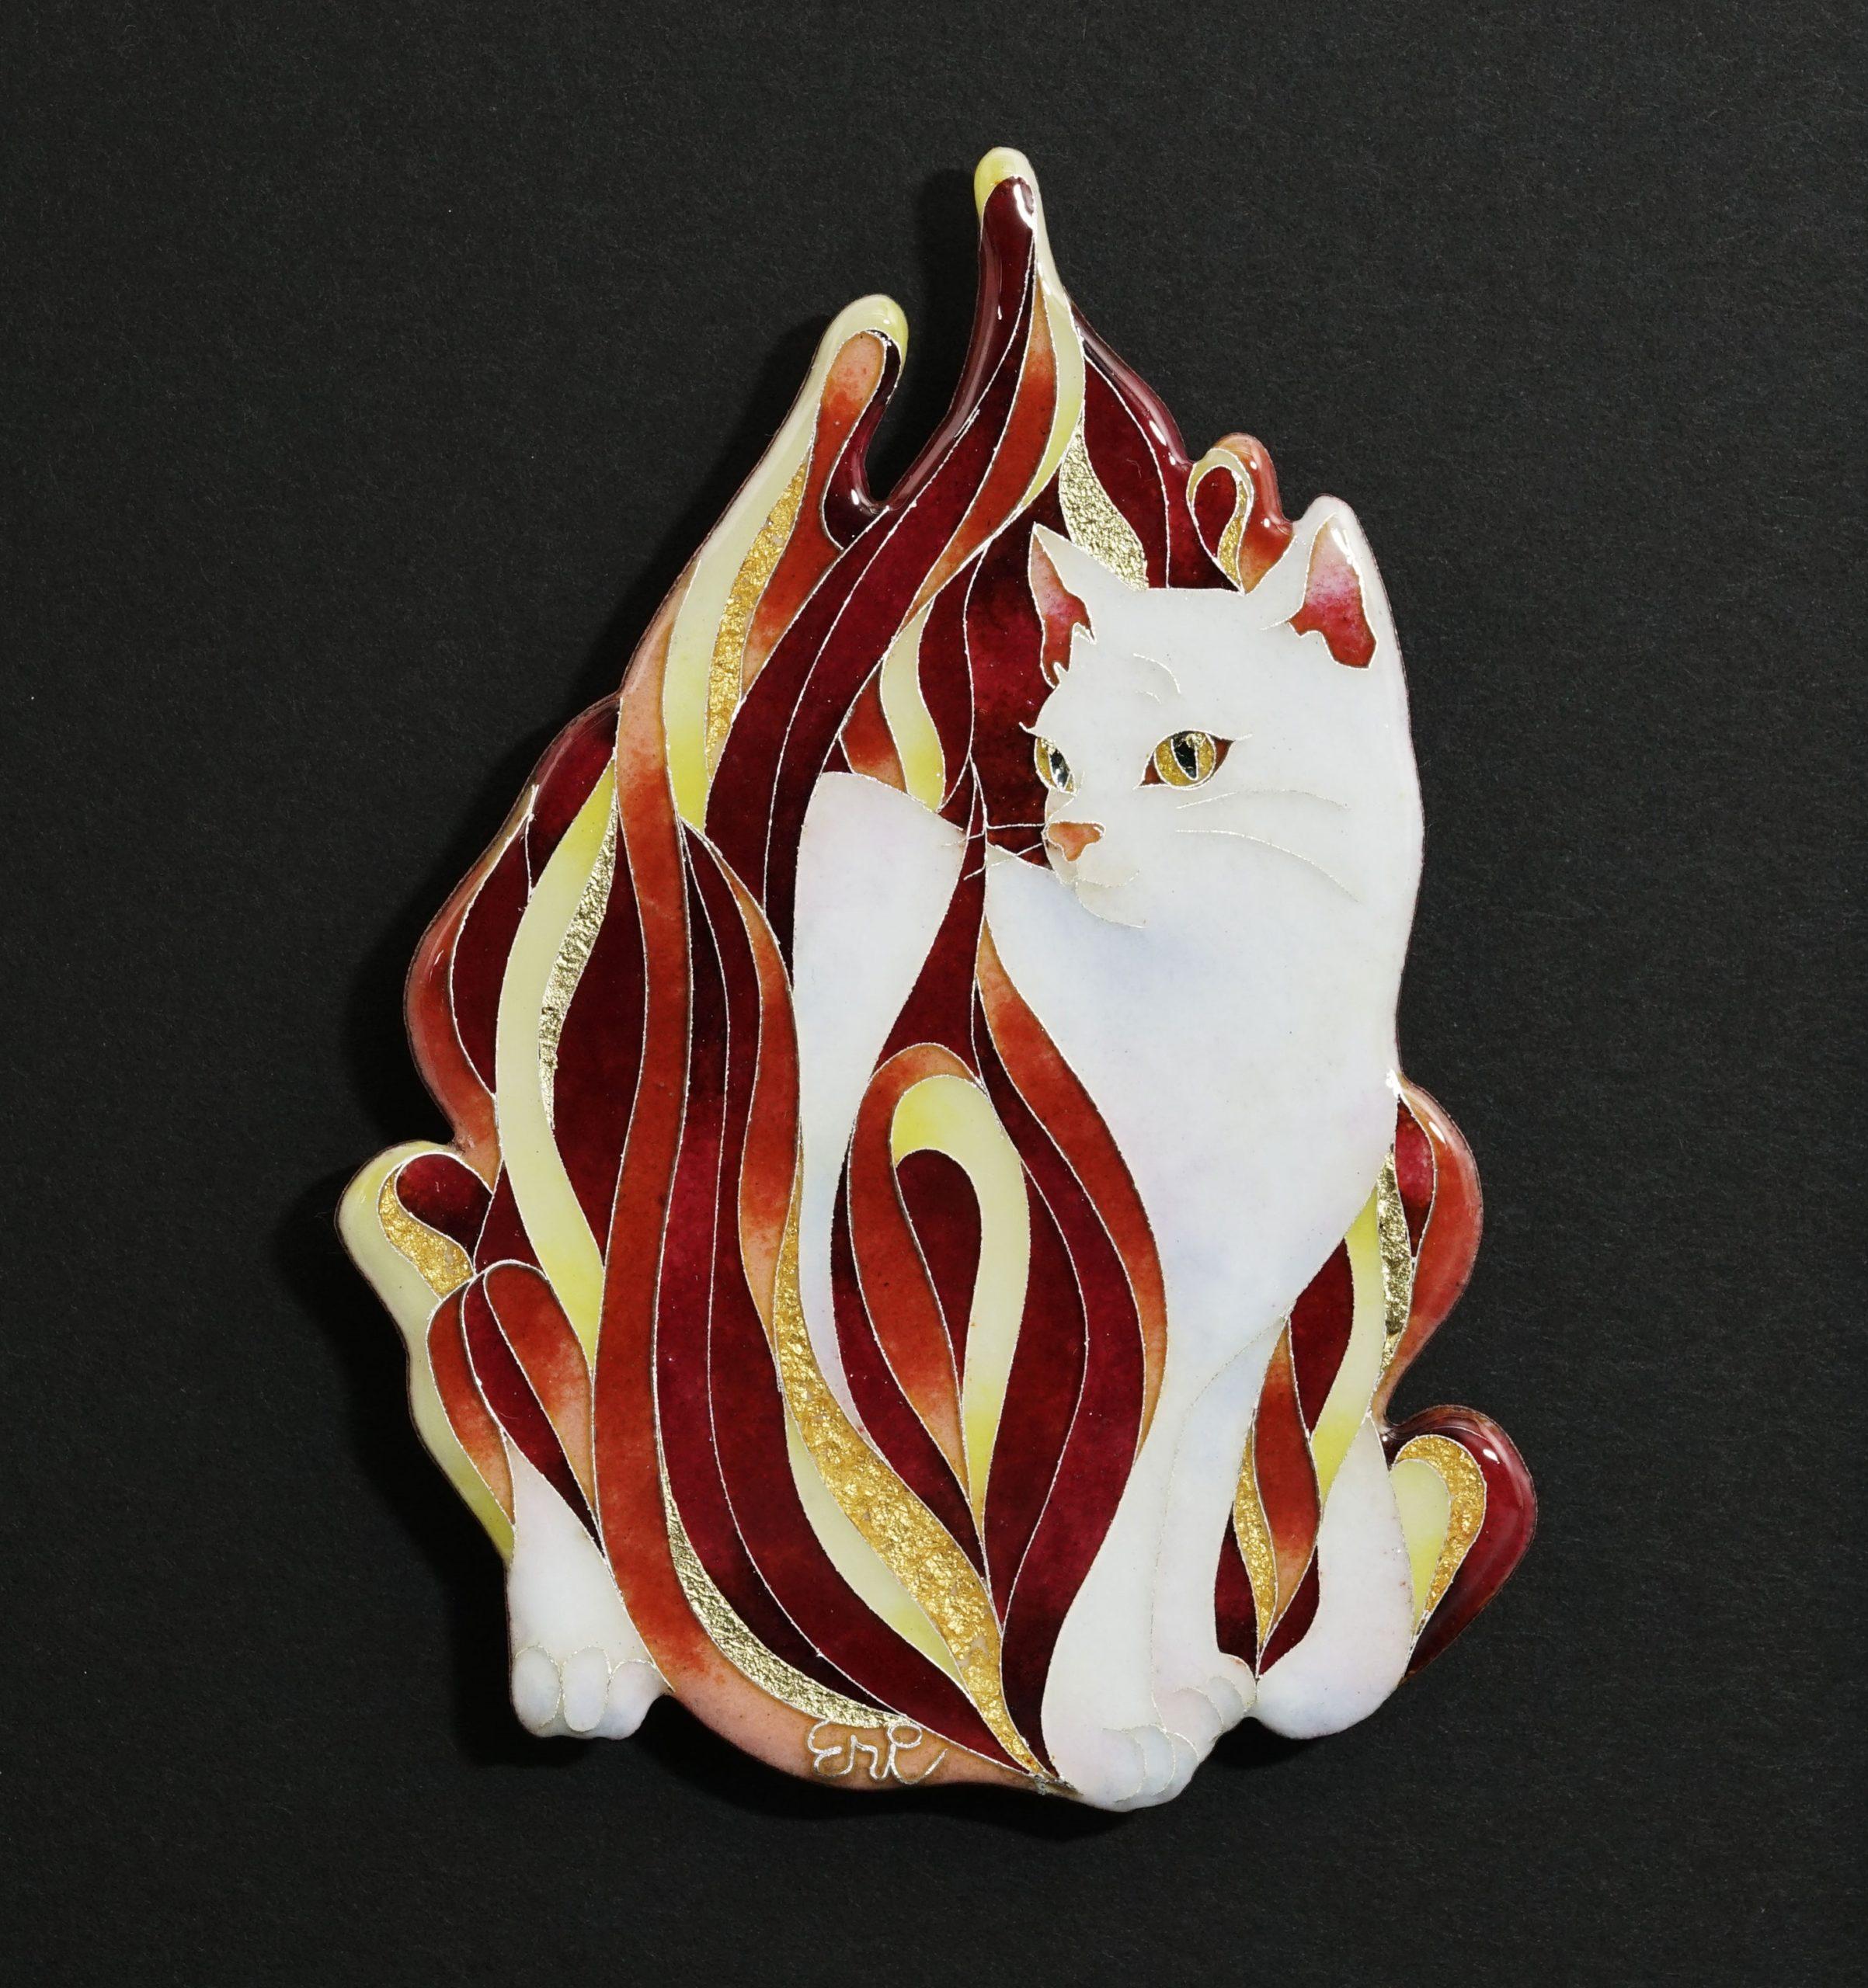 Eri Muranaka, Fire: Ka, 2021, Cloisonné enamel ware (silver enamel,  glass glaze, gold leaf on copper plate)